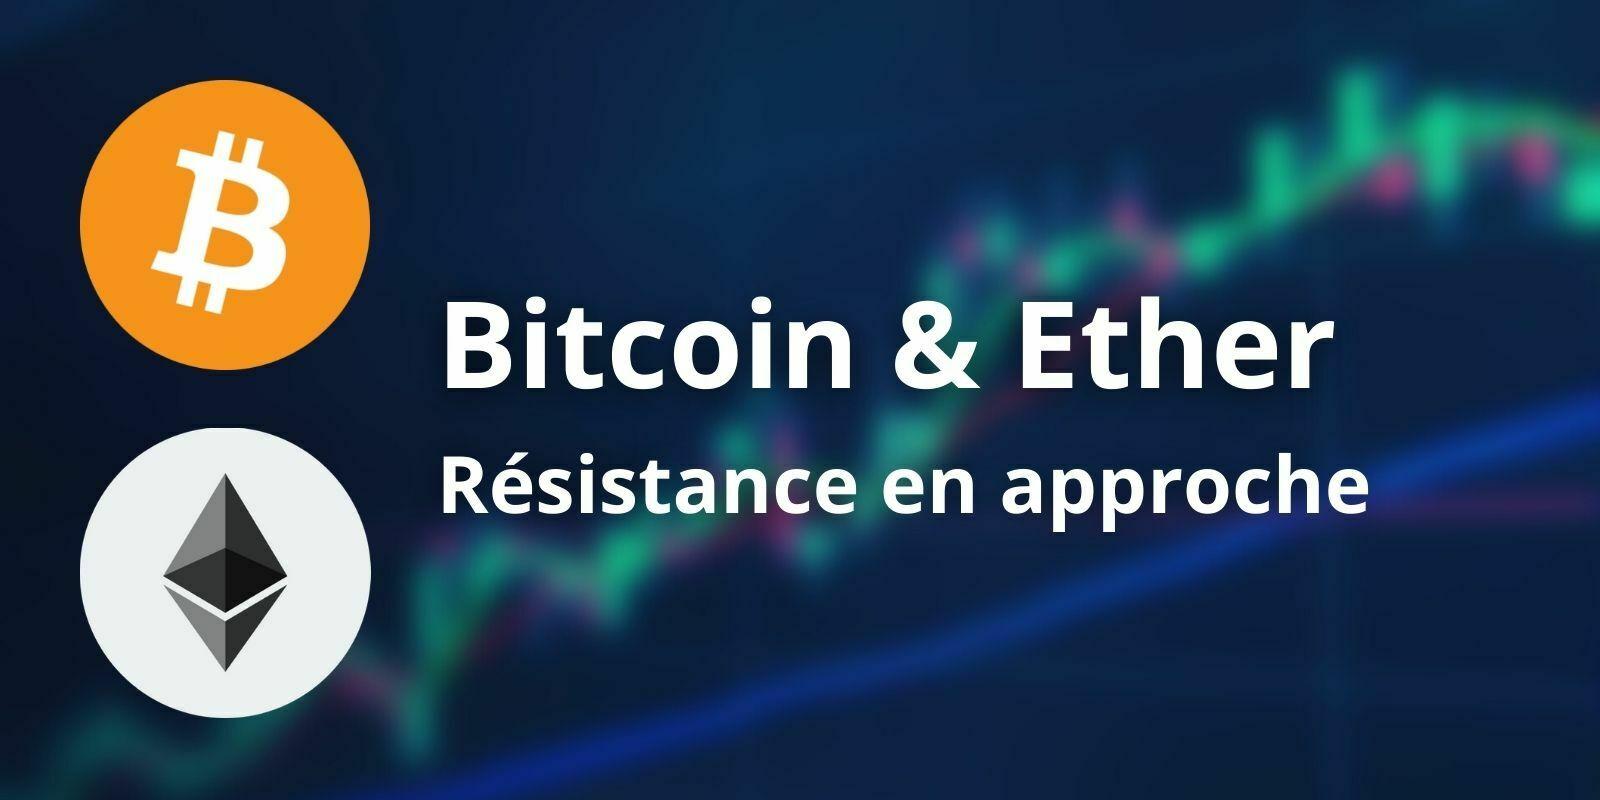 Le Bitcoin (BTC) et l'Ether (ETH) font face à une résistance importante